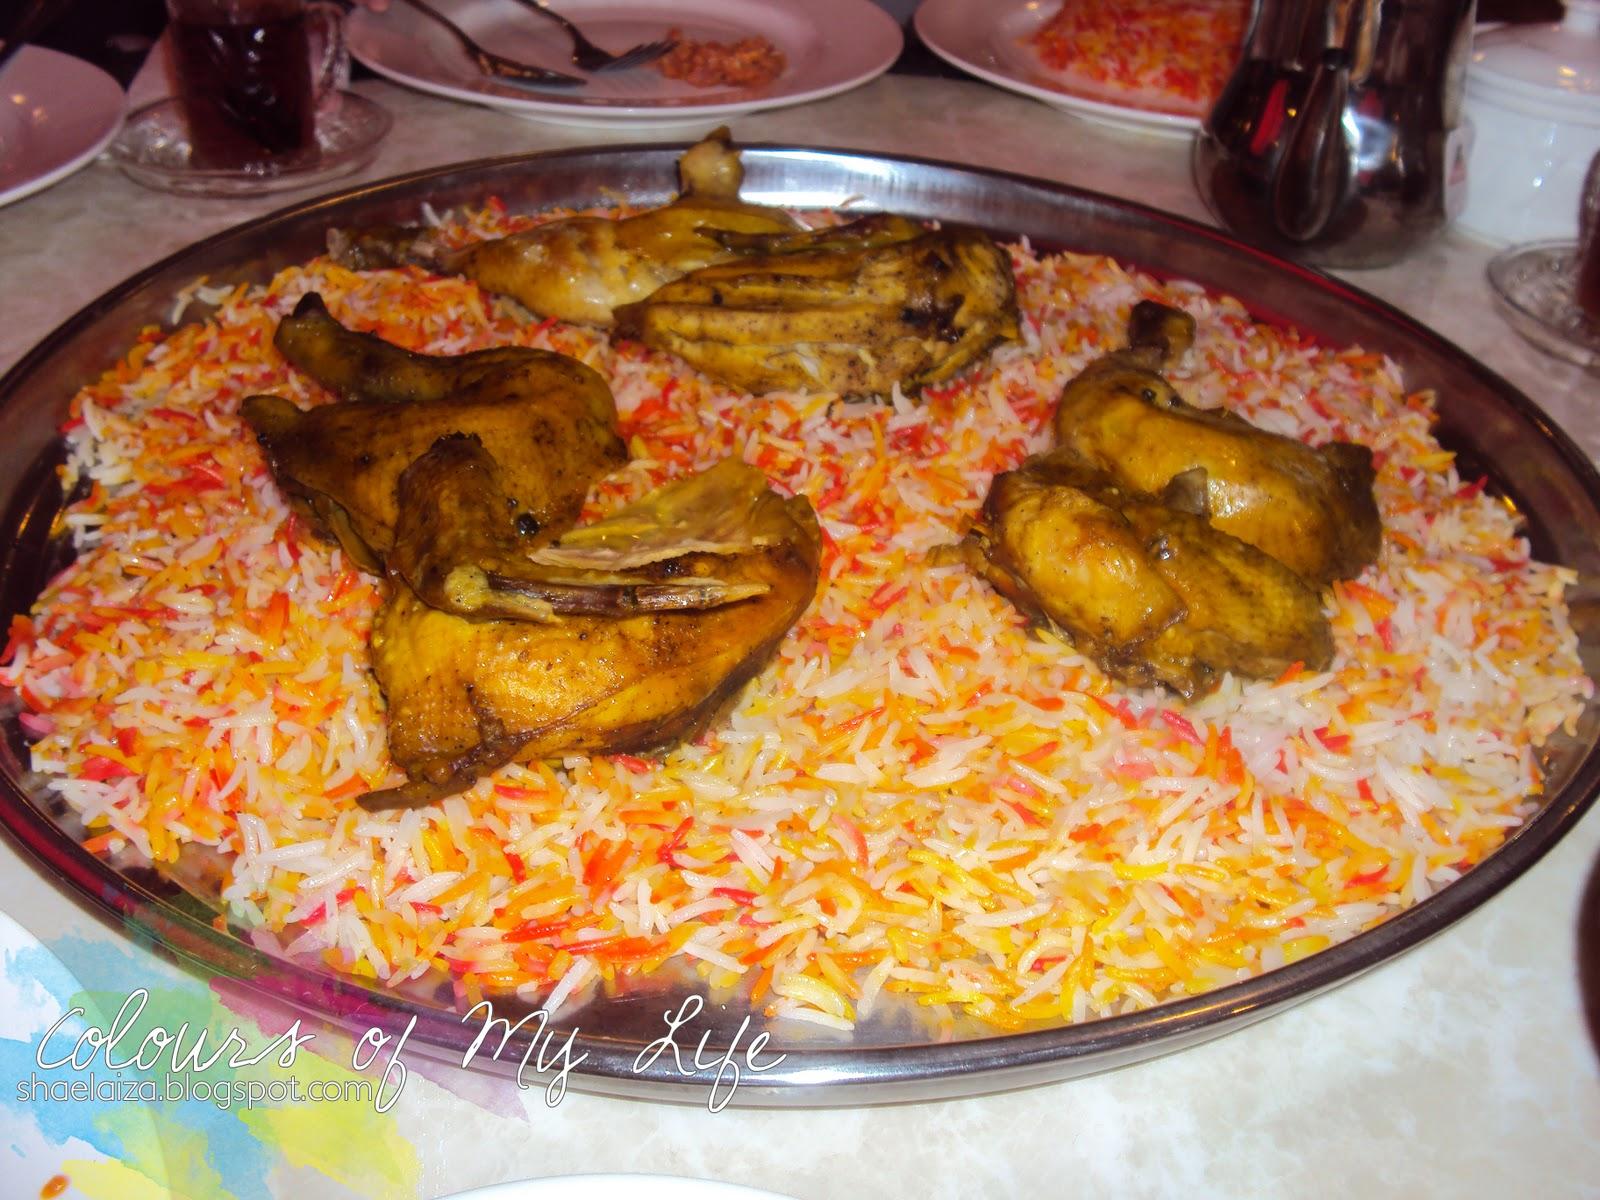 Zam zam arabic restaurant forumfinder Gallery